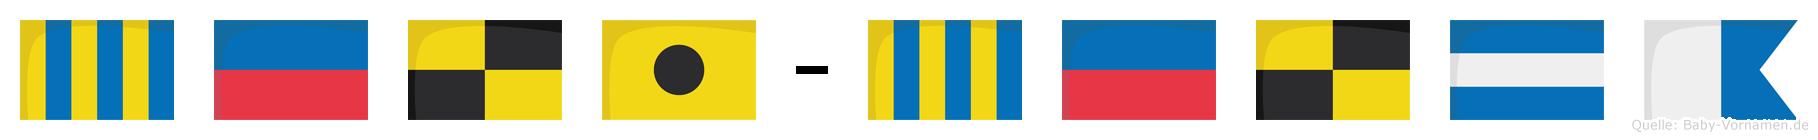 Geli-Gelja im Flaggenalphabet